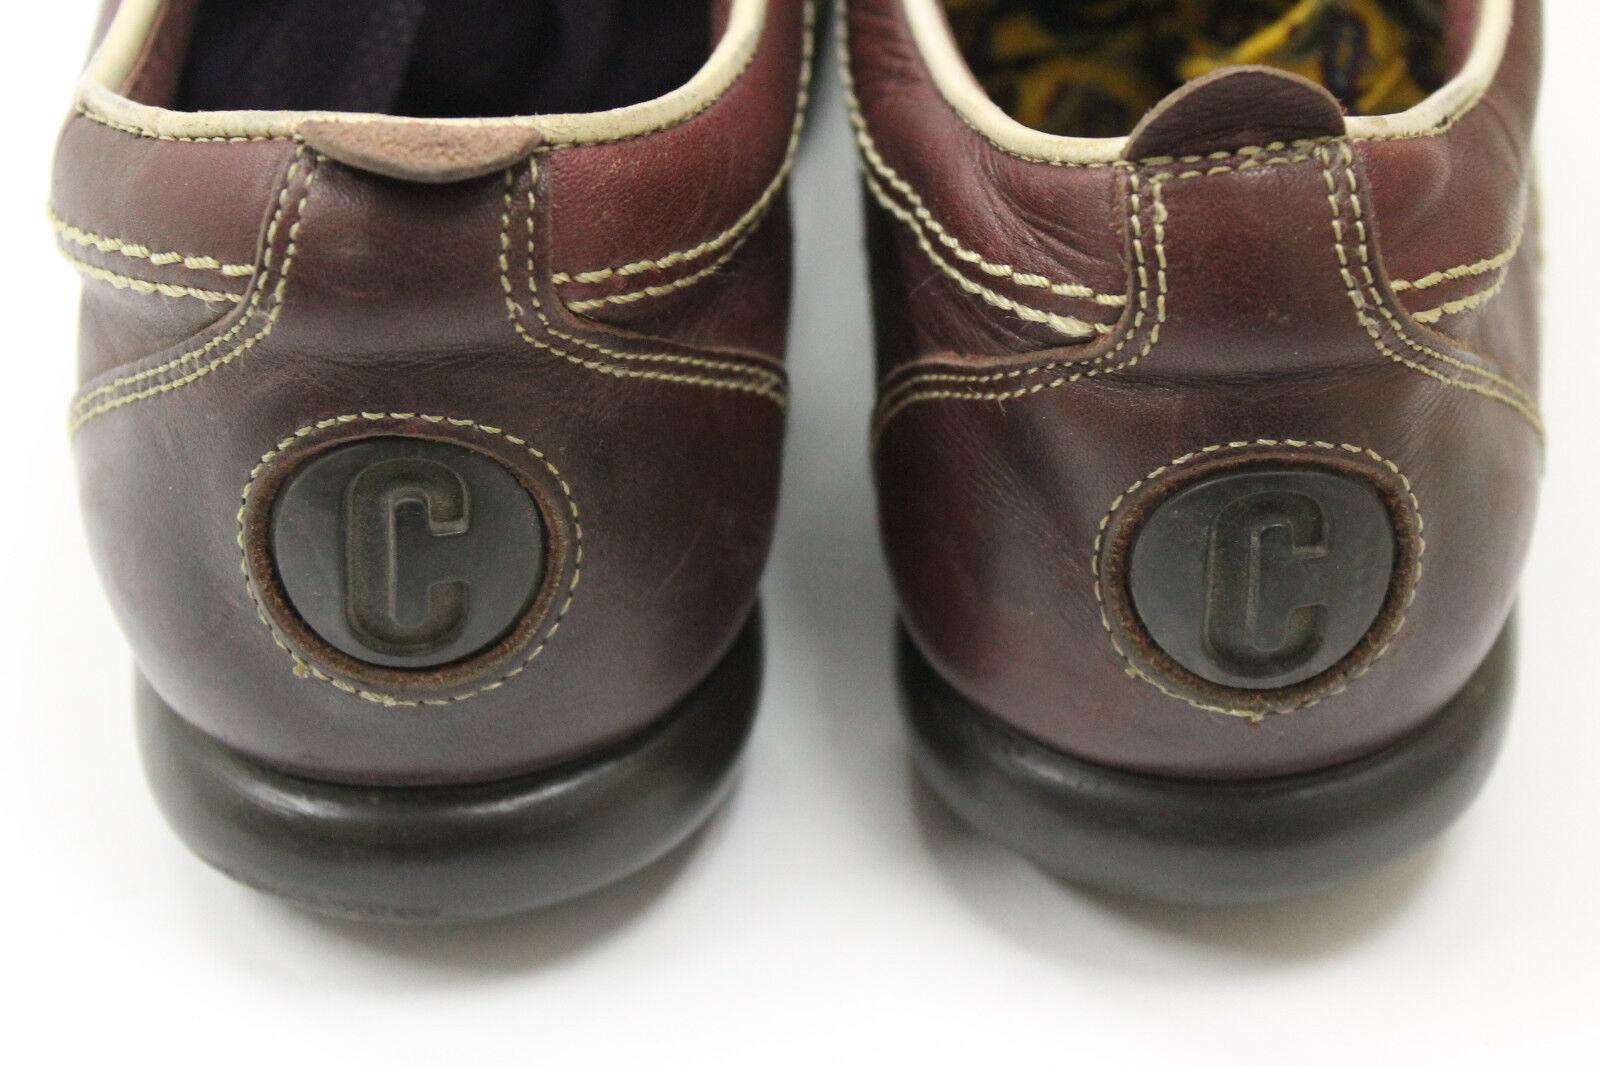 Camper mujer zapatos zapatos zapatos talla 7.5 Europa 38 de cuero rojo S7425 7e25e7